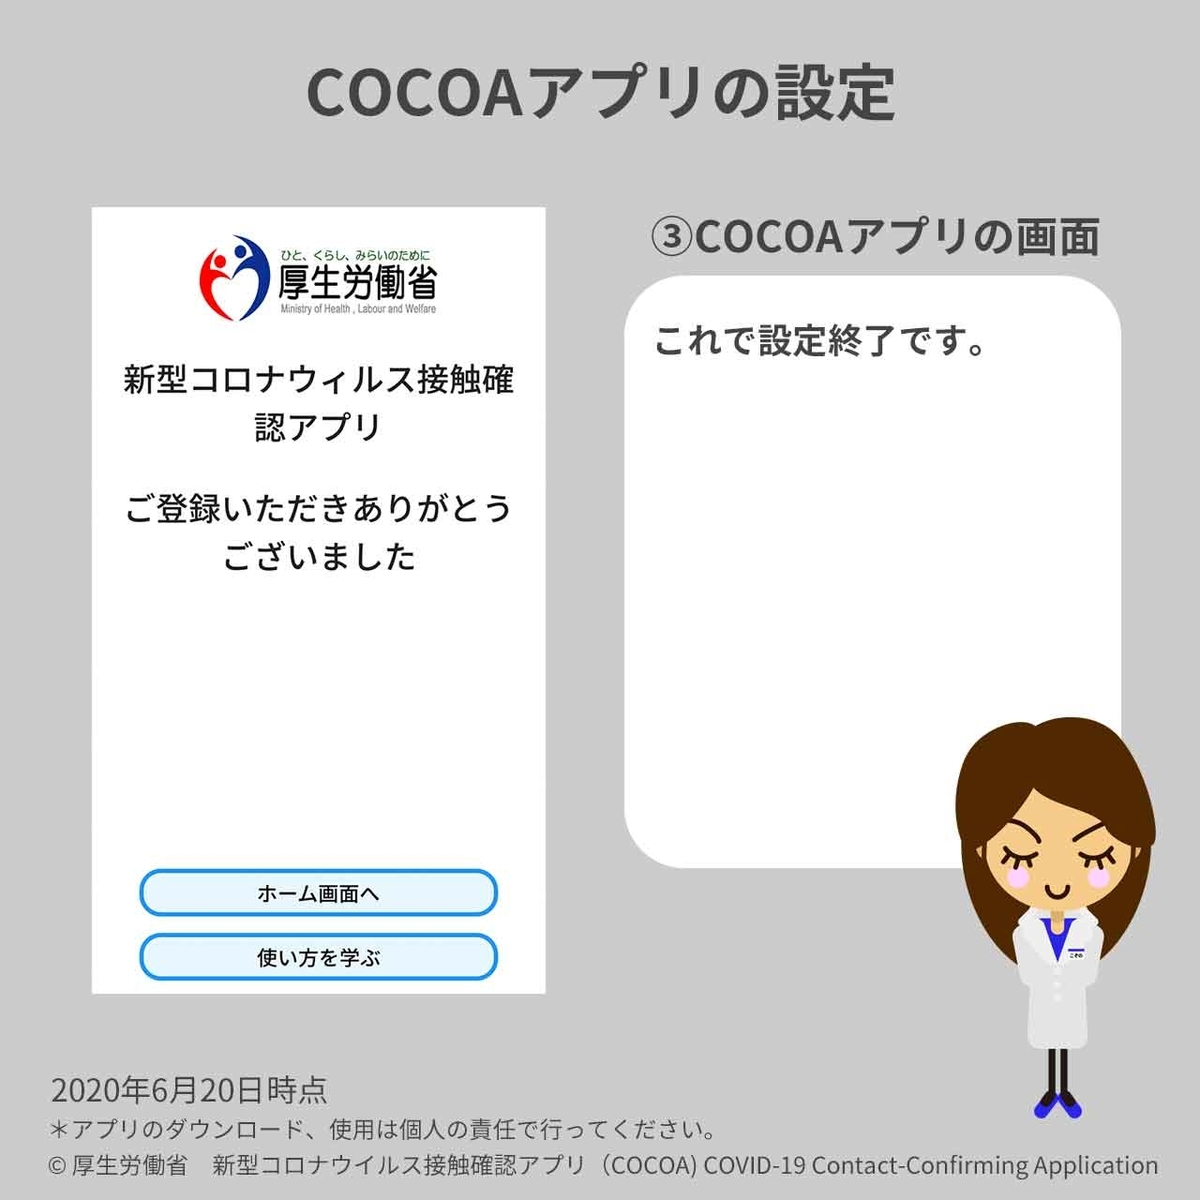 「新型コロナウイルス接触確認アプリCOCOA(ココア)」2020年6月19日に厚生労働省がリリースしたアプリについて素人の私の感想【適材適食】小園亜由美(管理栄養士・野菜ソムリエ上級プロ)